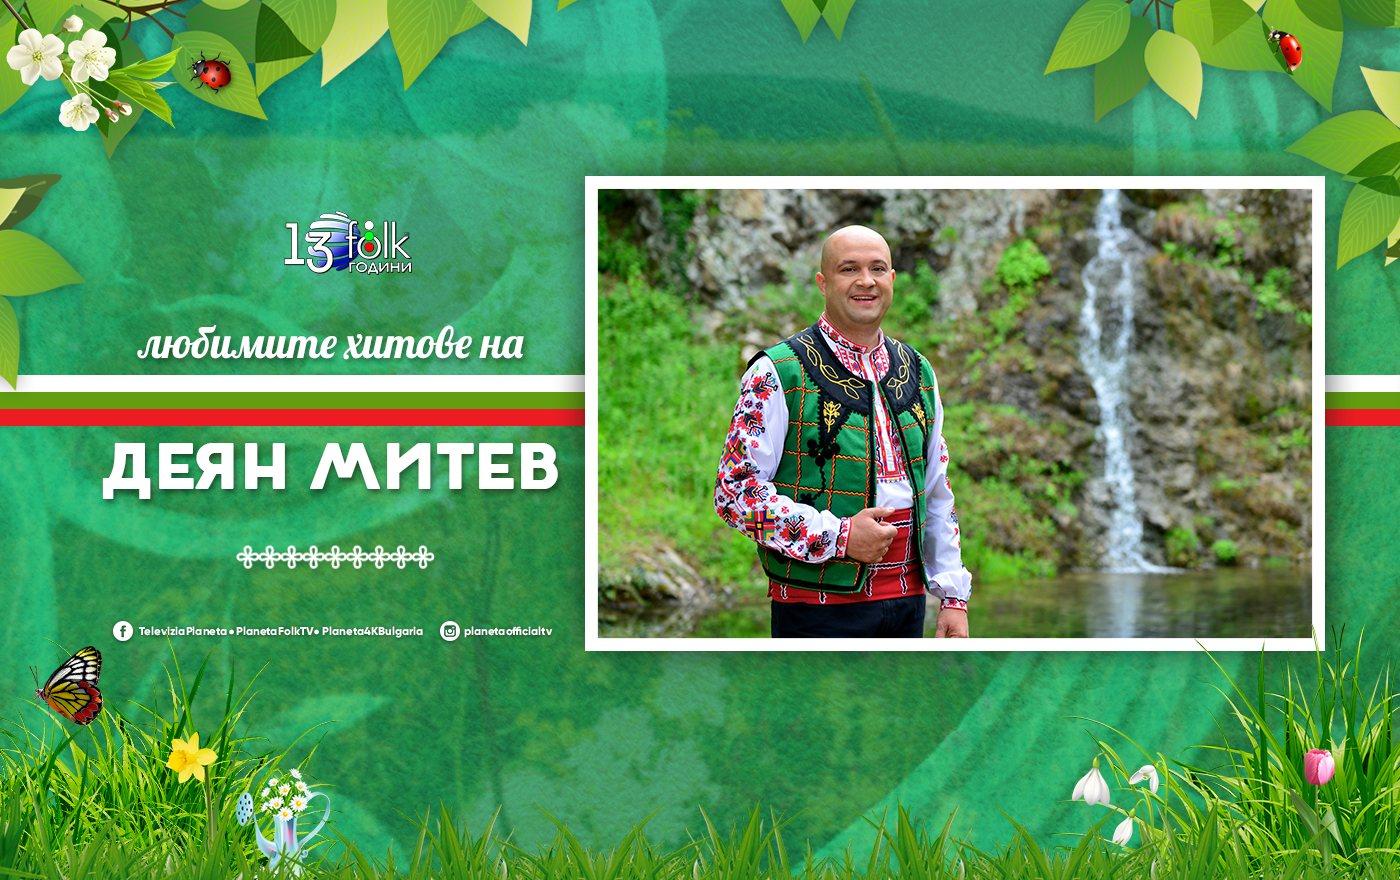 Деян Митев залага на красиви гледки от България и хубава музика